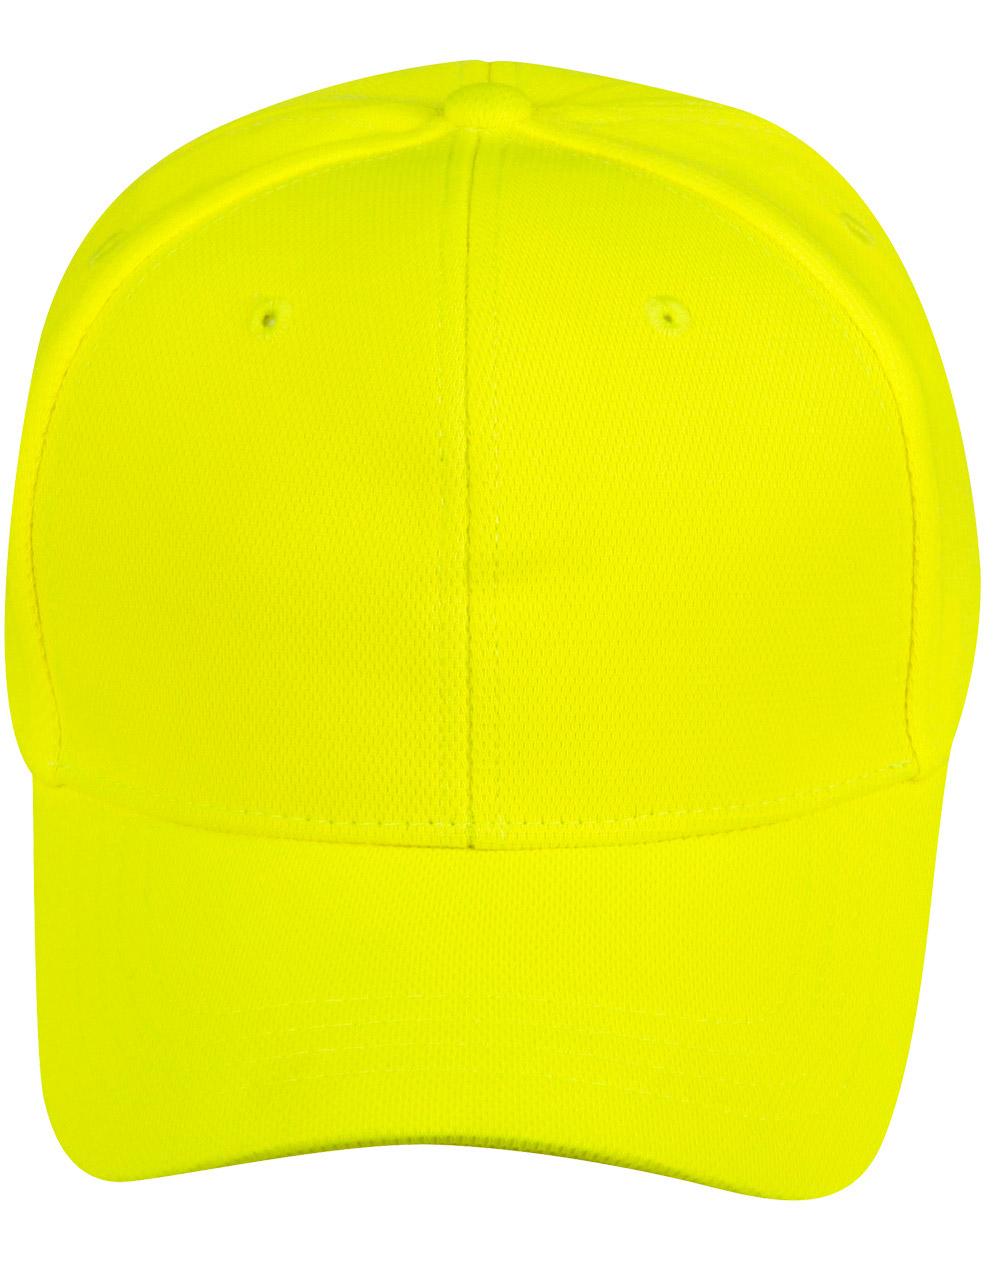 Fluoro Yellow